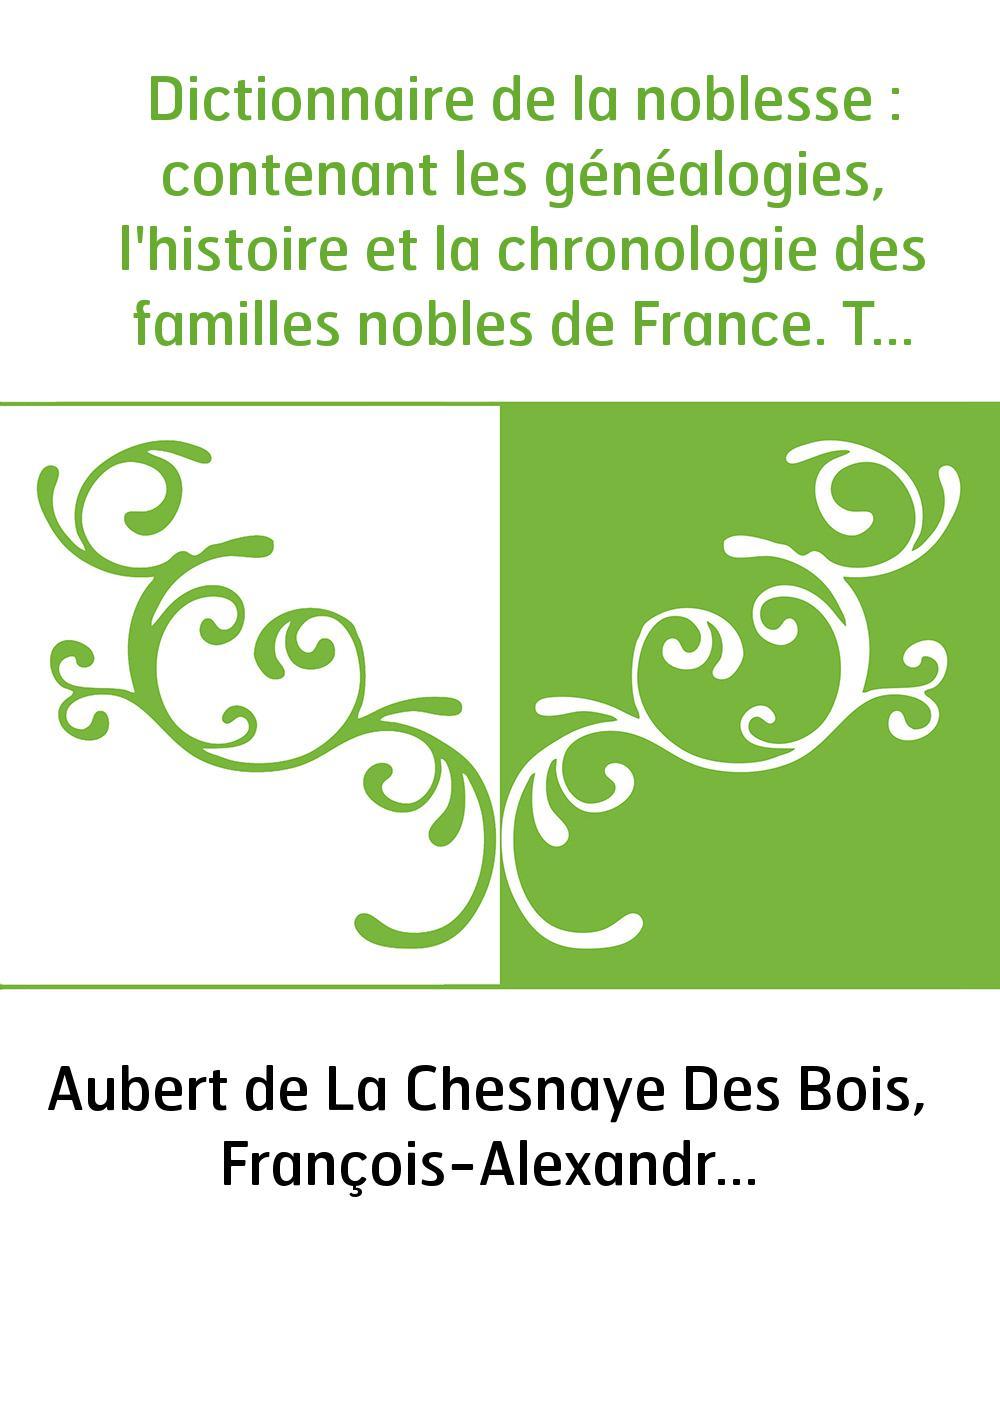 Dictionnaire de la noblesse : contenant les généalogies, l'histoire et la chronologie des familles nobles de France. Tome 4 / pa